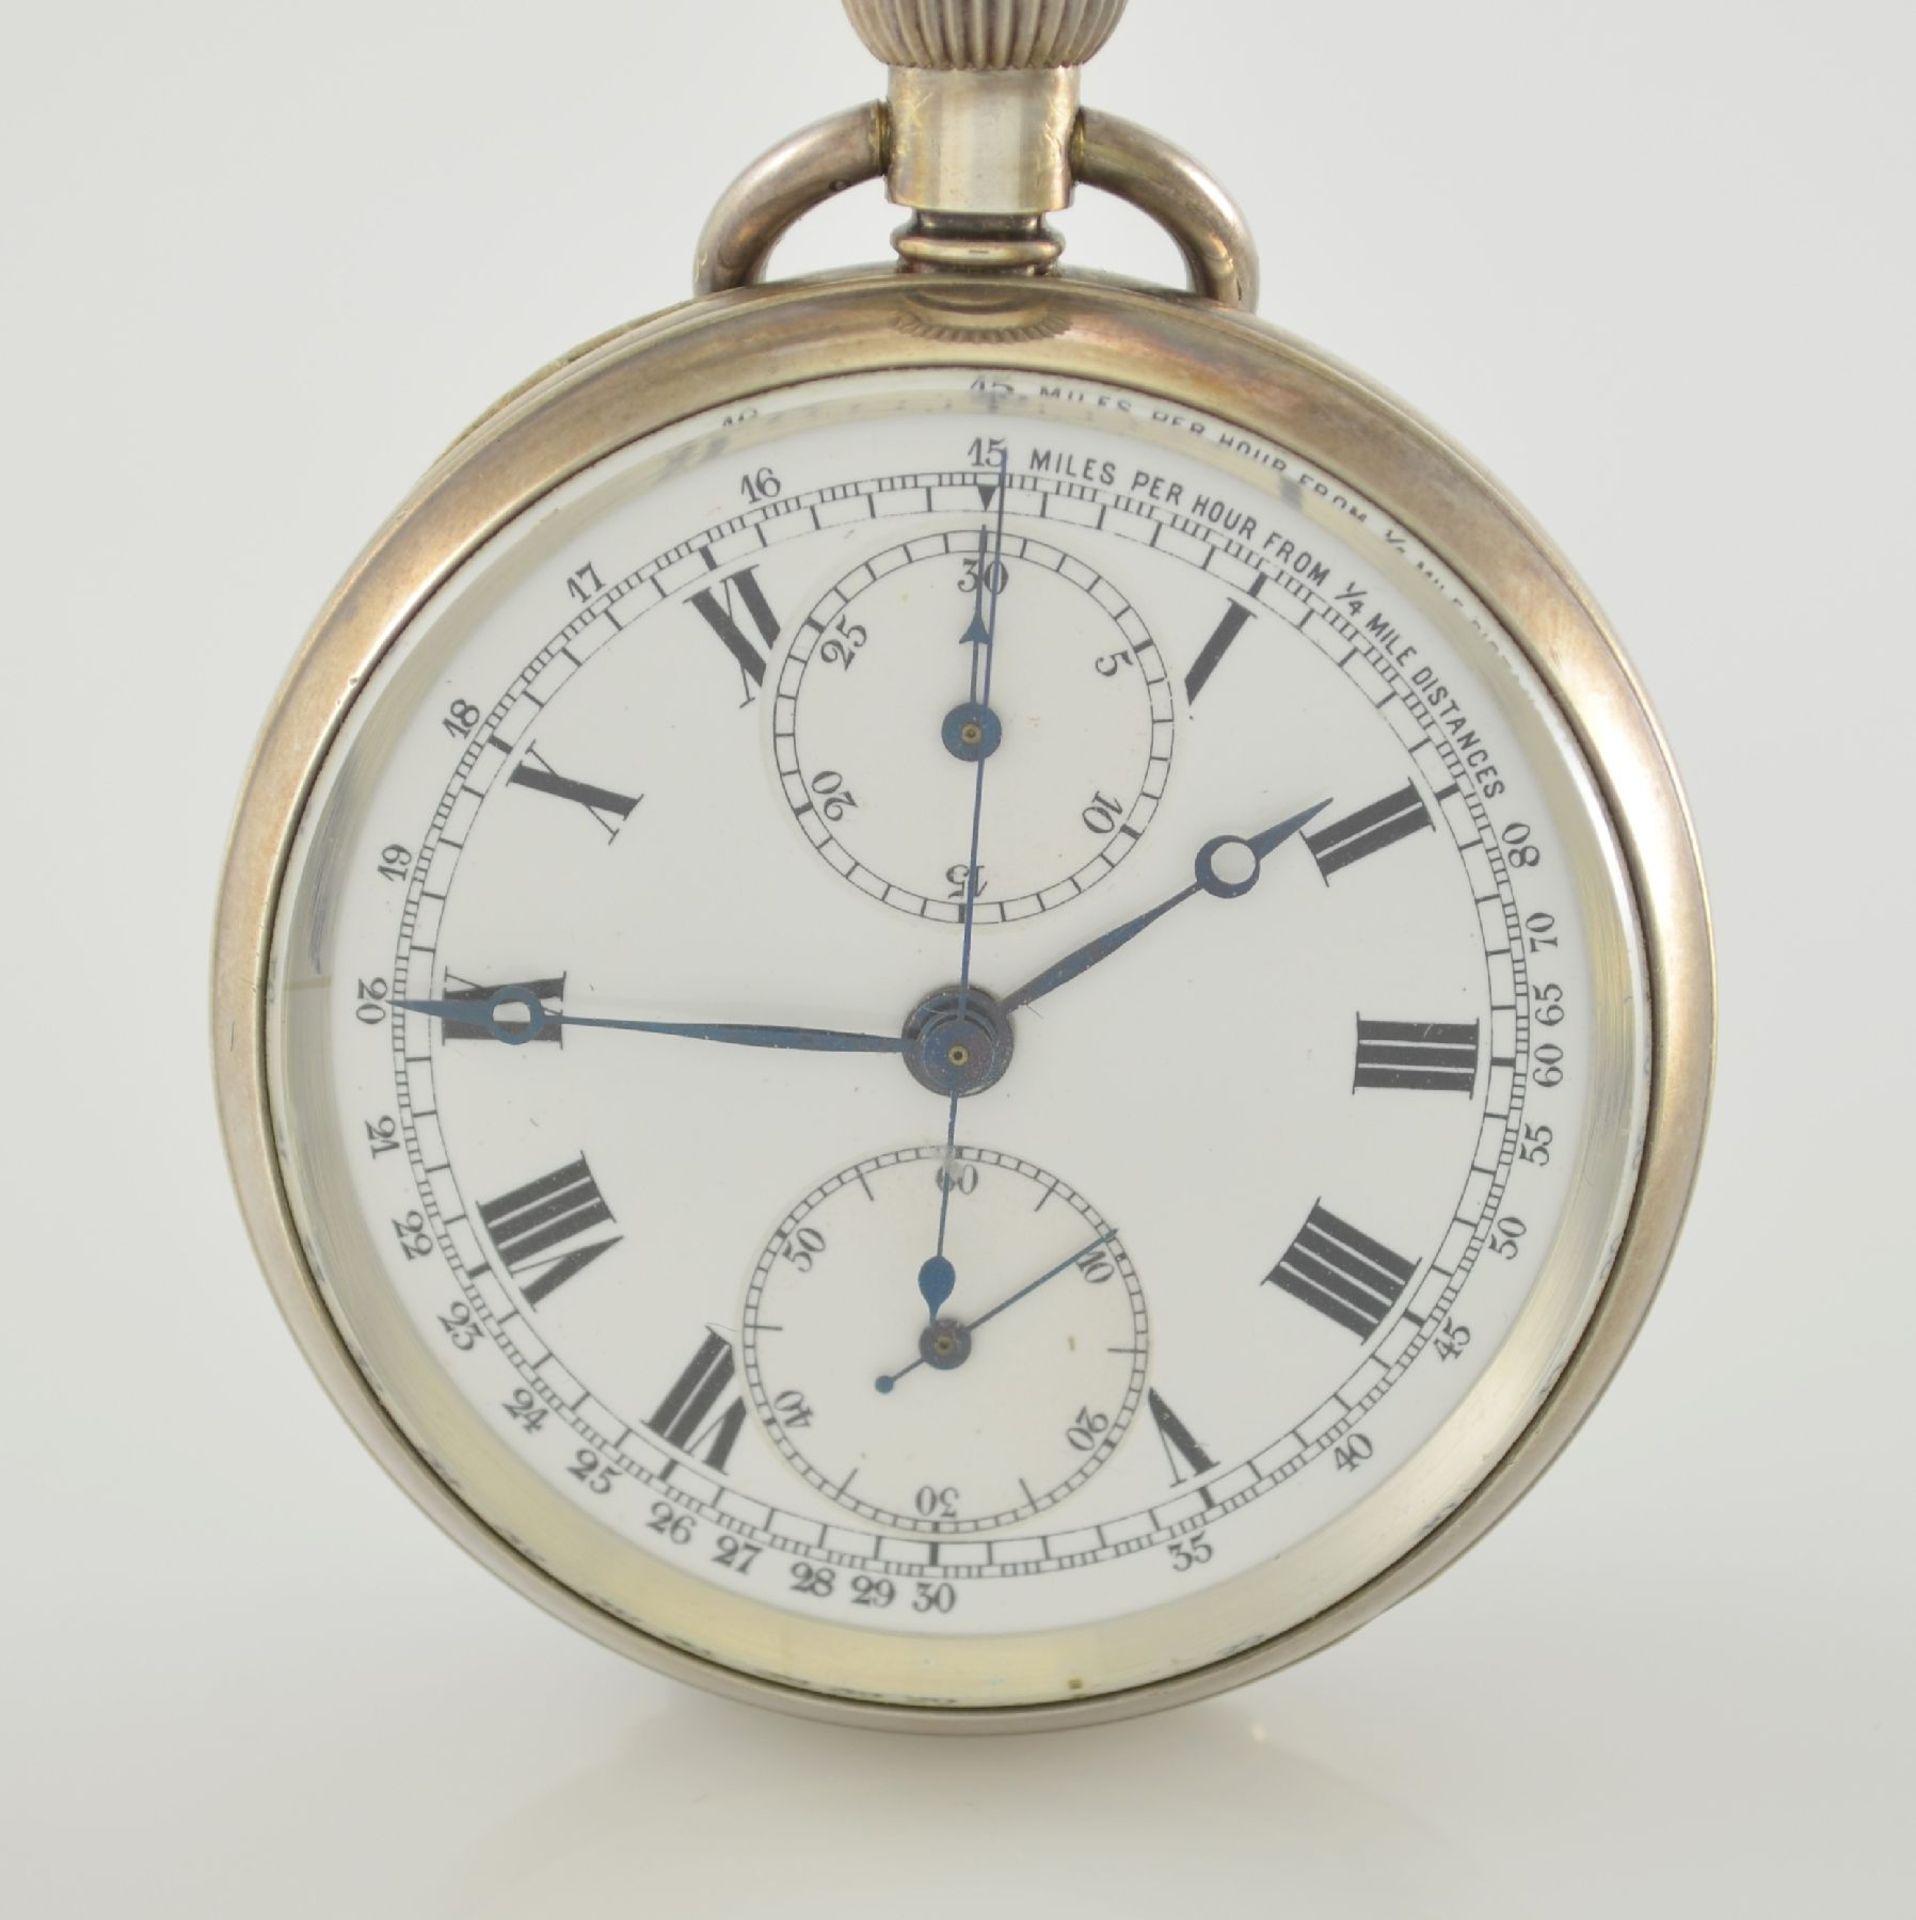 Offene Herrentaschenuhr mit Chronograph in Sterlingsilber, Schweiz um 1910, guill. Geh., aufgedr. - Bild 2 aus 7